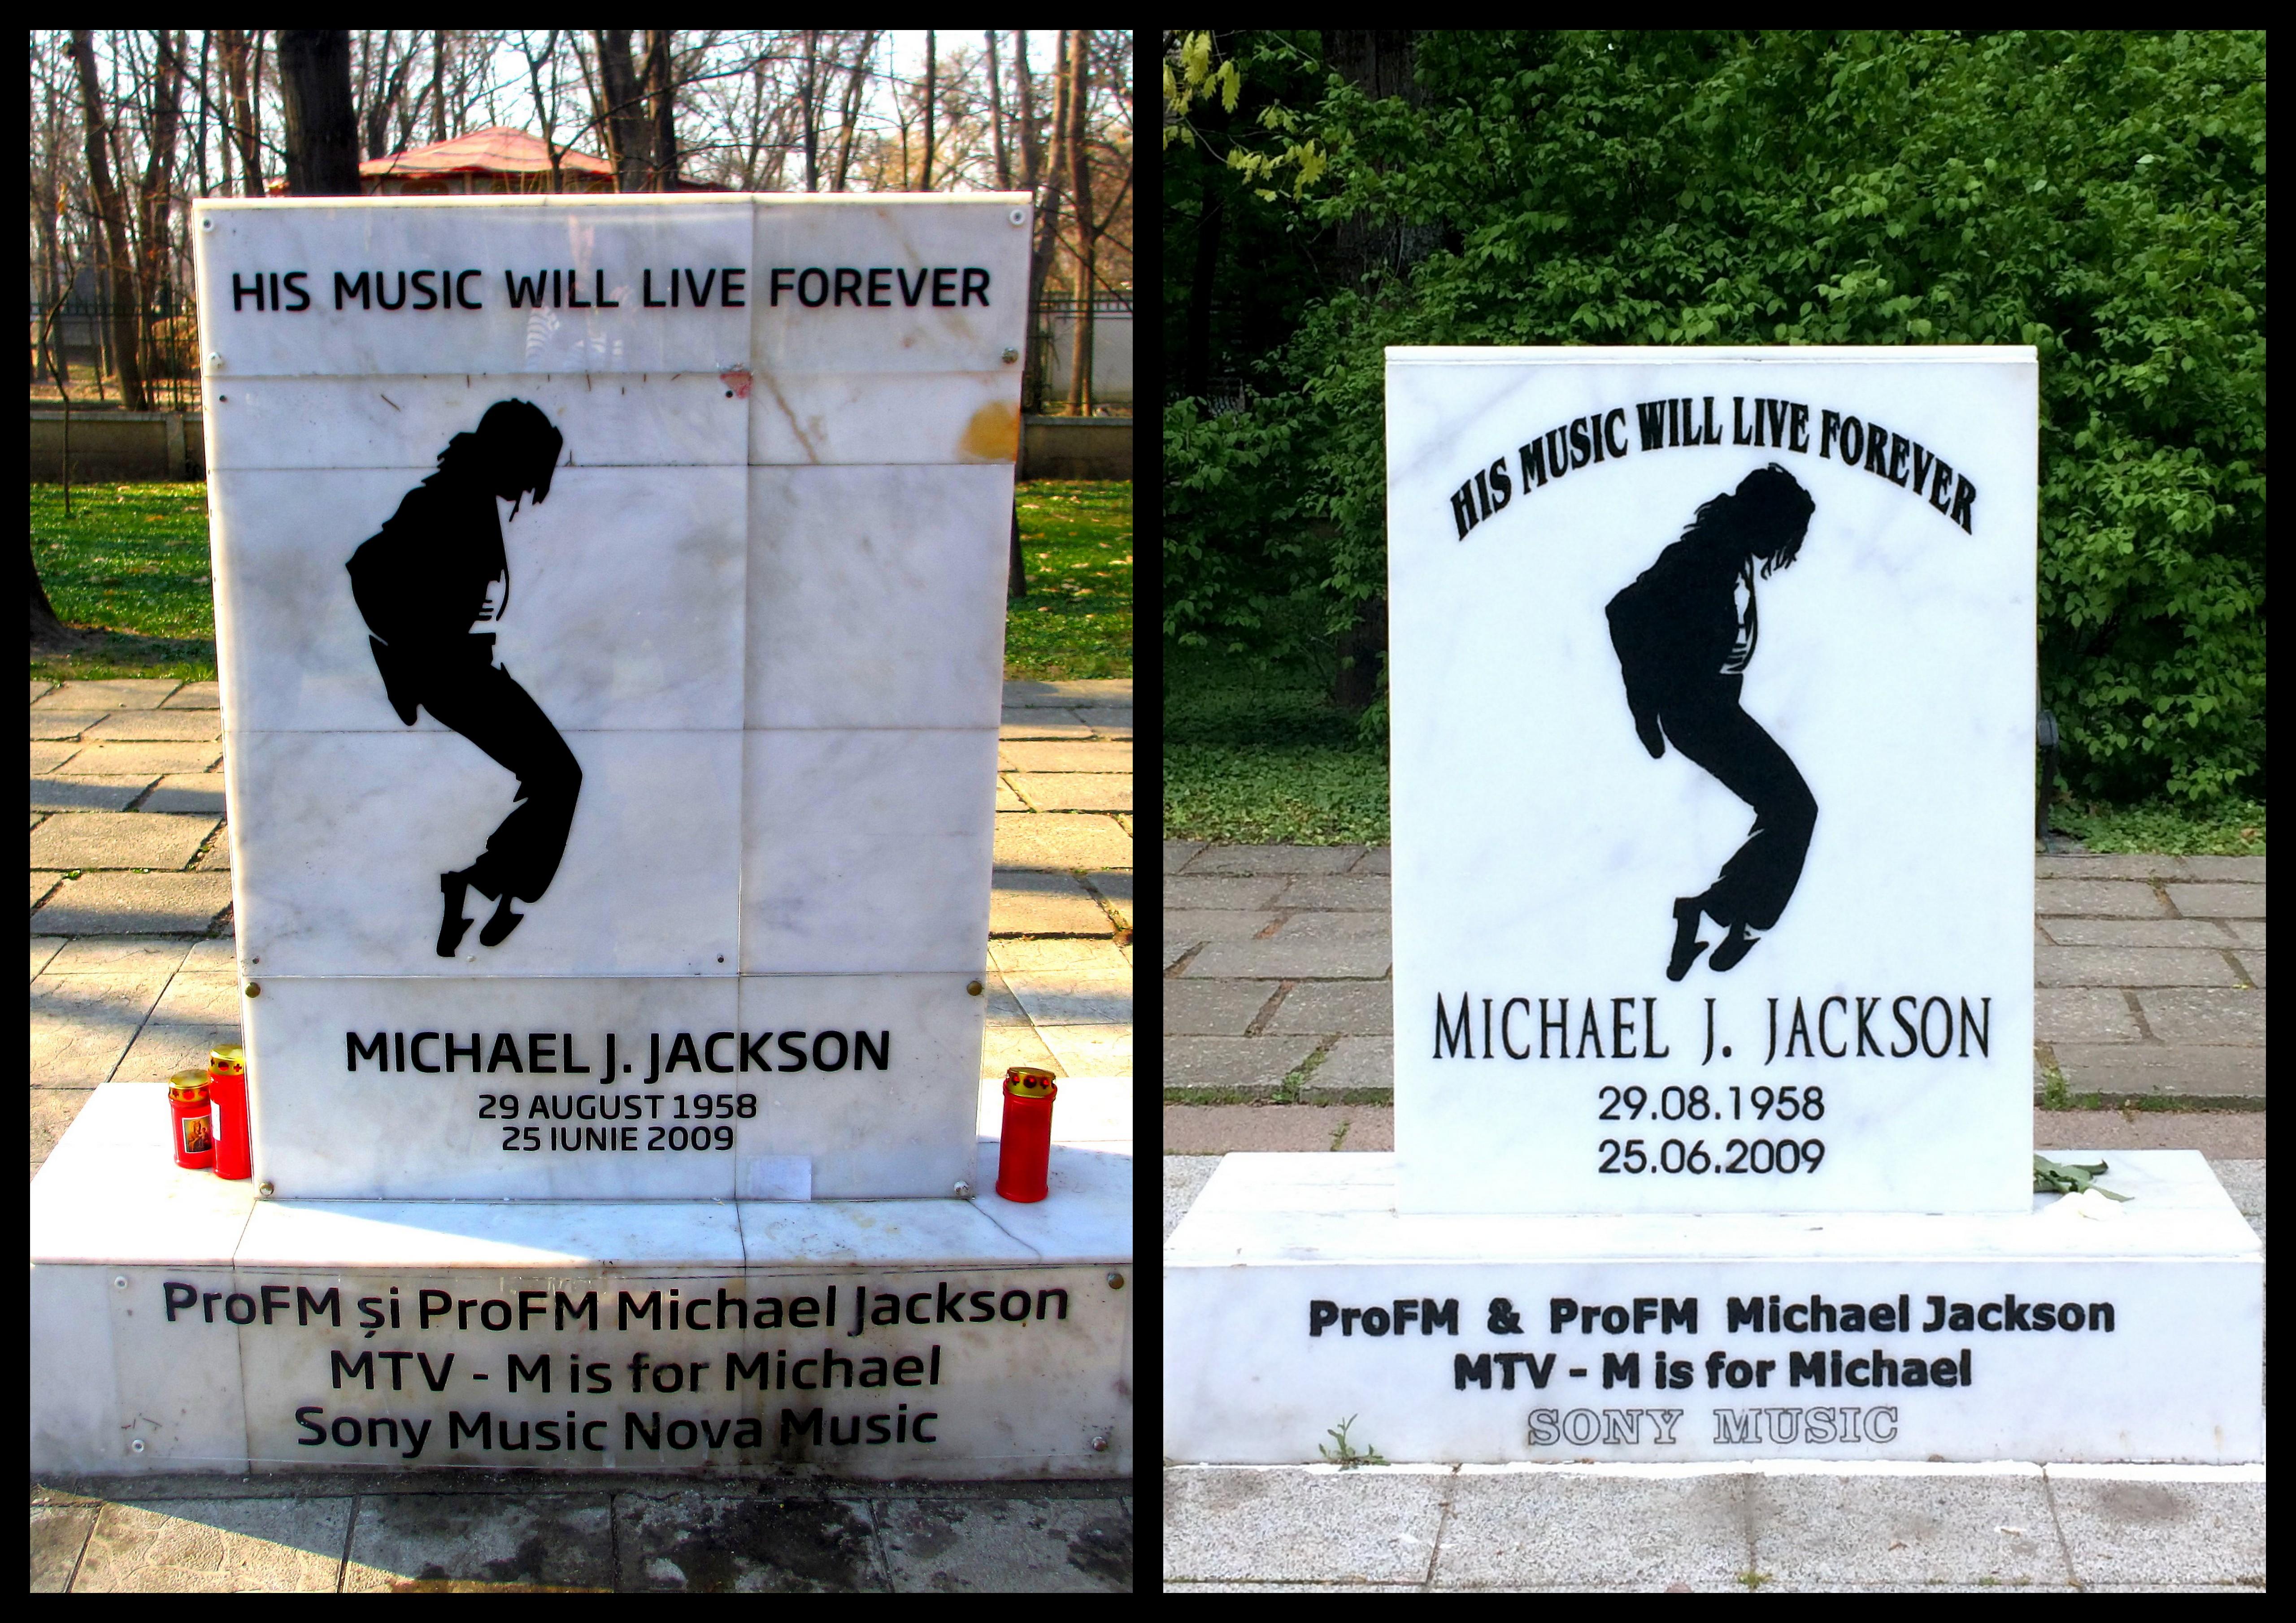 Stary i nowy pomnik na cześć Michaela Jacksona w Parku Herăstrău - Rumunia, Bukareszt